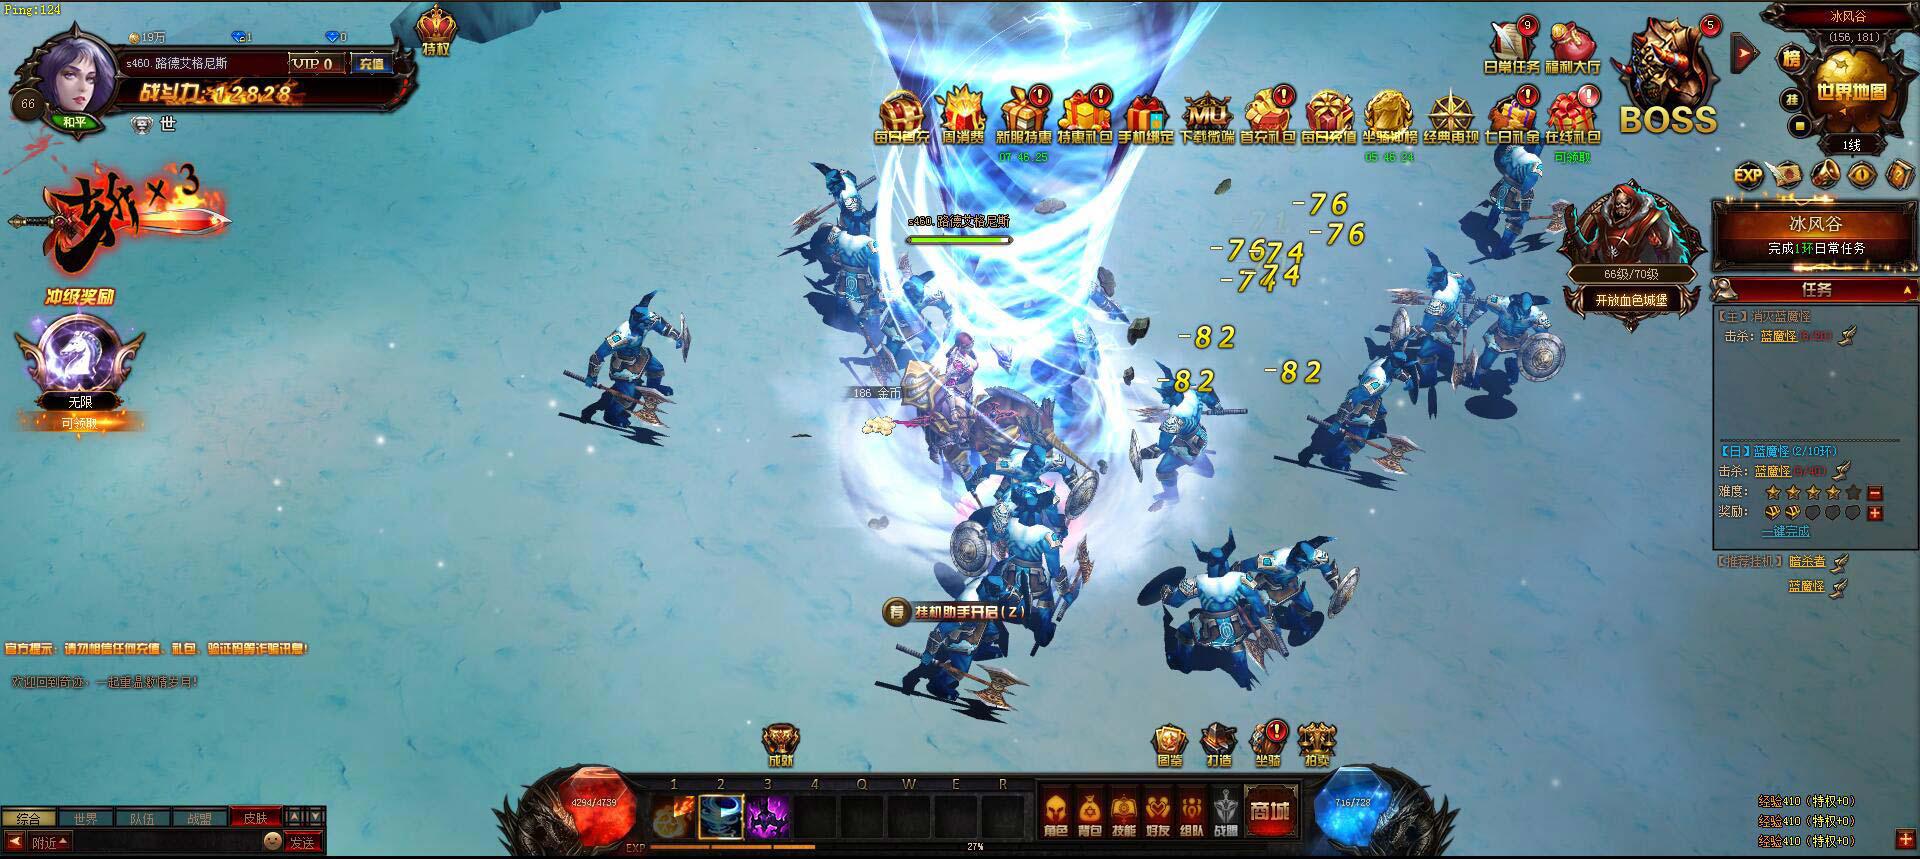 圣枪天使游戏截图2